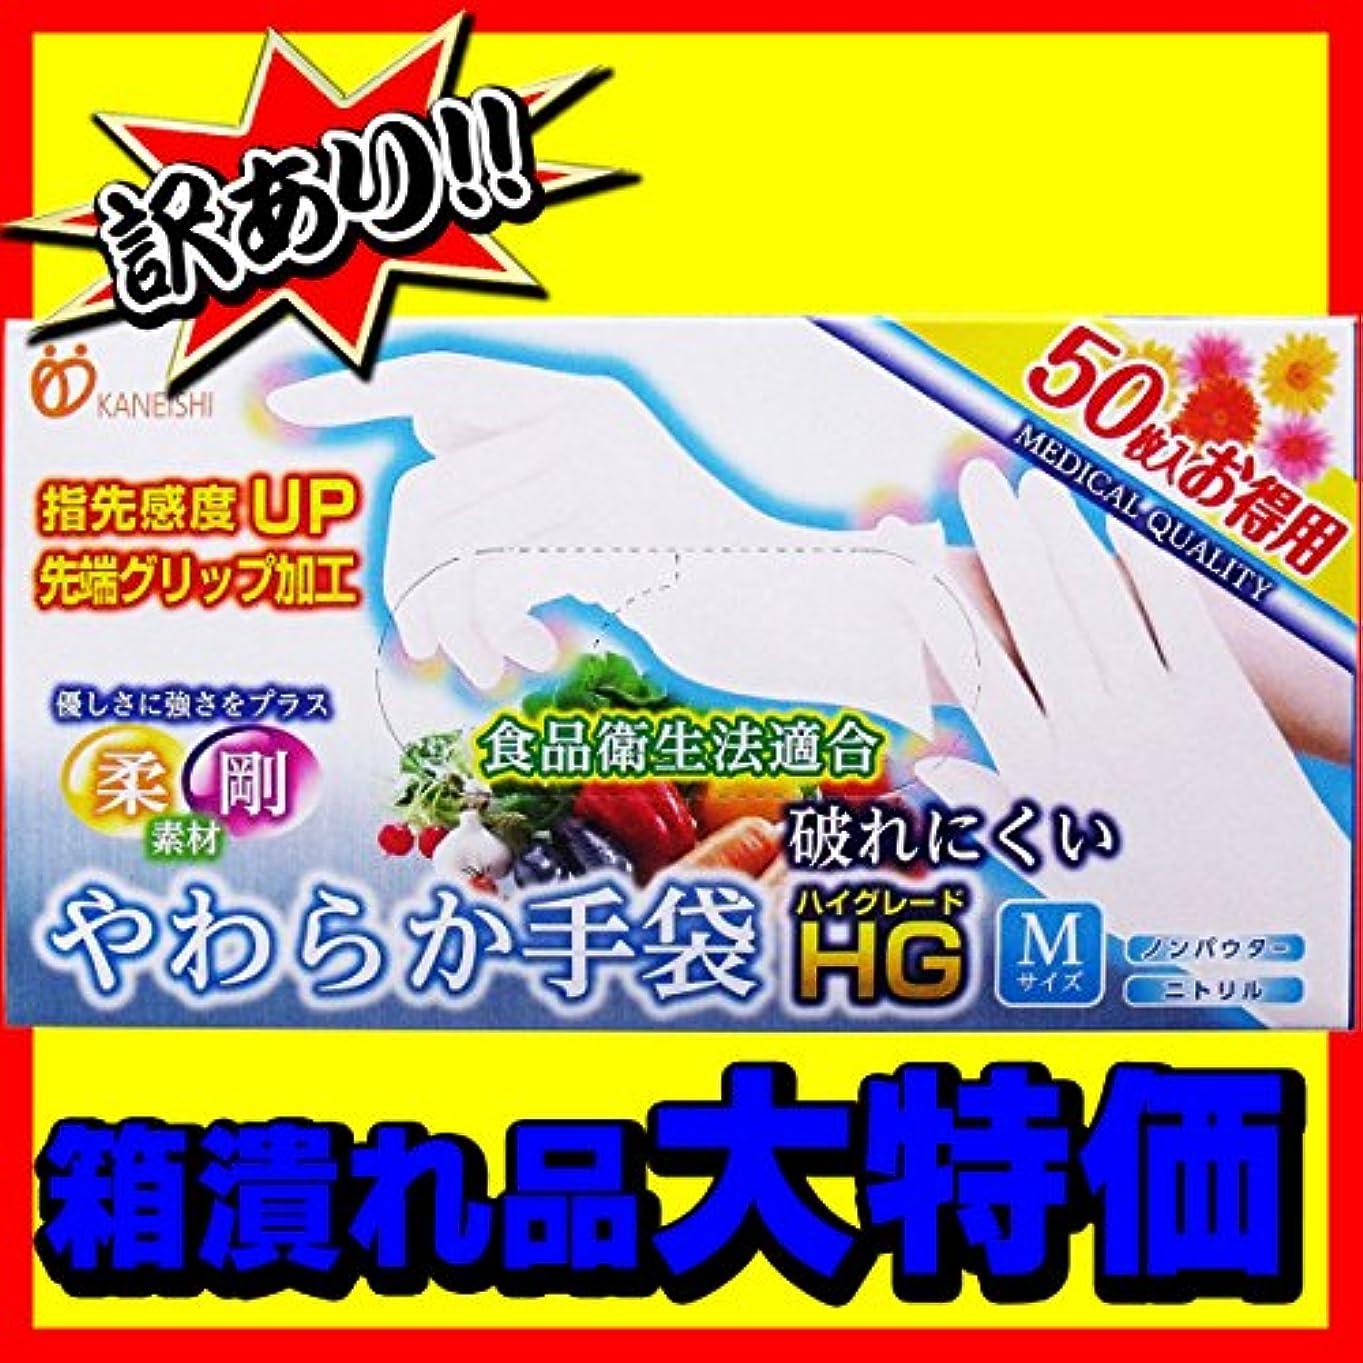 バラエティ石炭要件【訳アリ】 やわらか手袋HG(ハイグレード) 二トリル手袋 パウダーフリー Mサイズ50枚入×5個セット